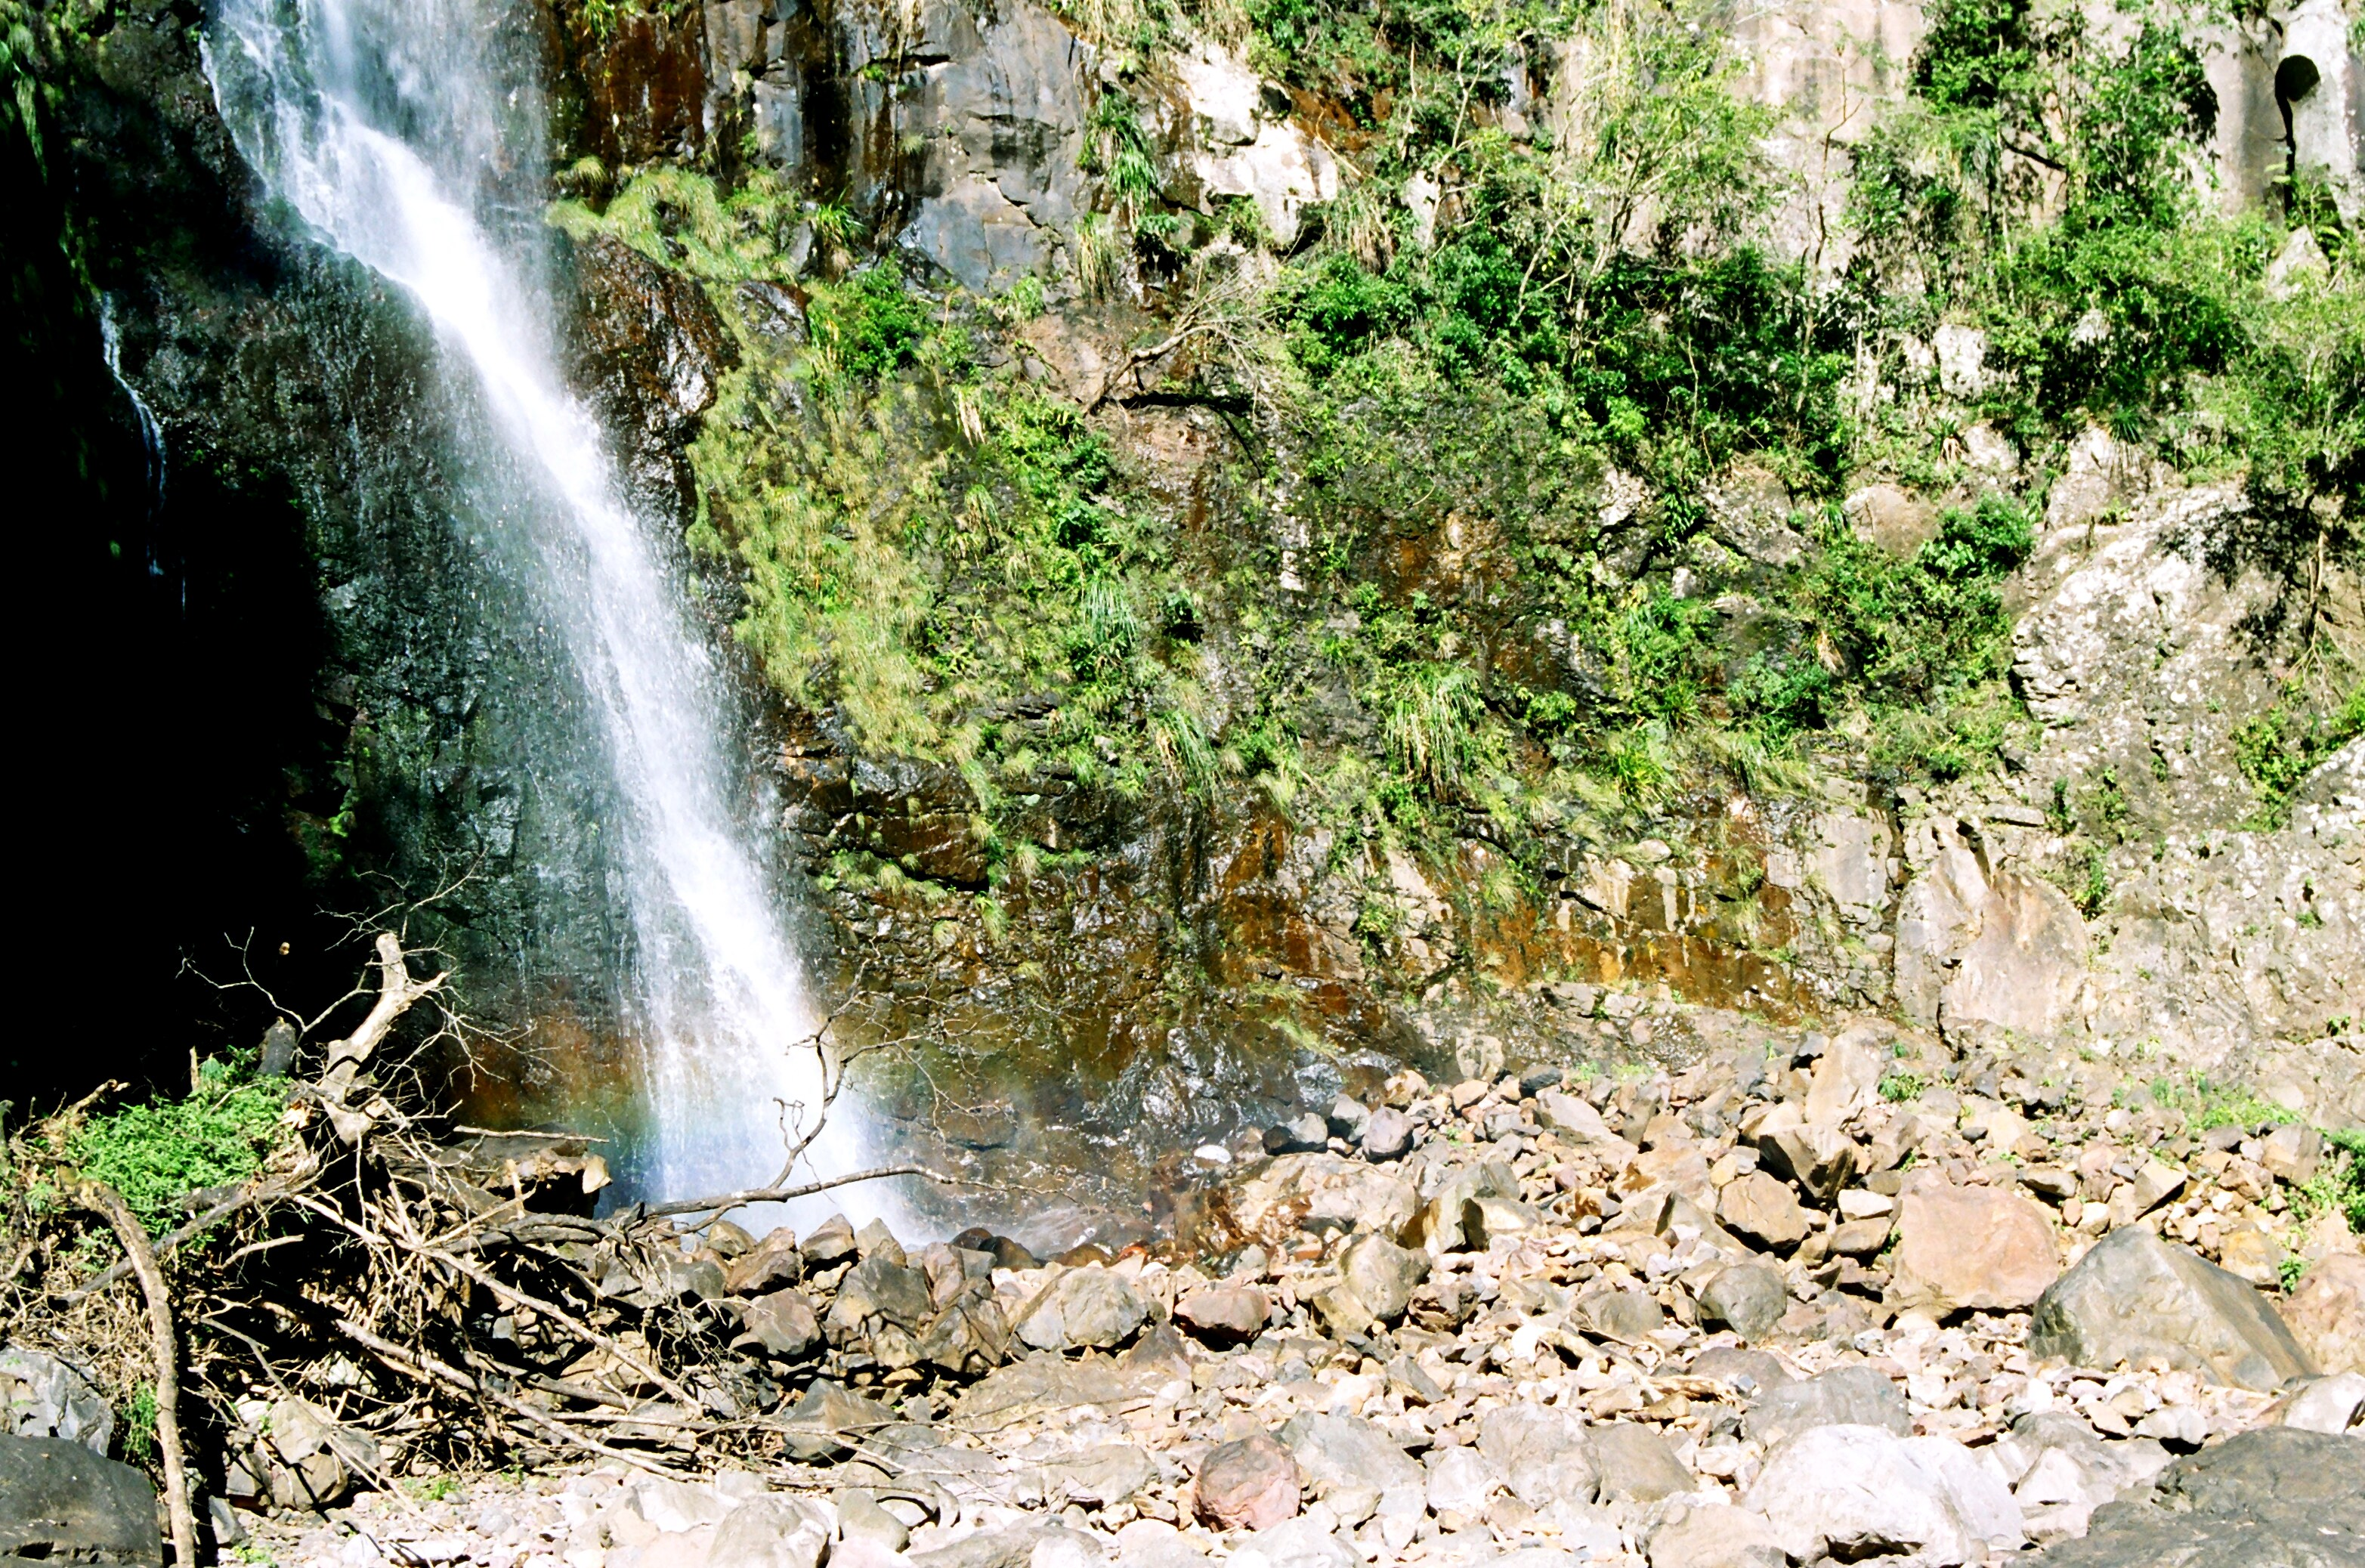 Cachoeira do Braço Forte